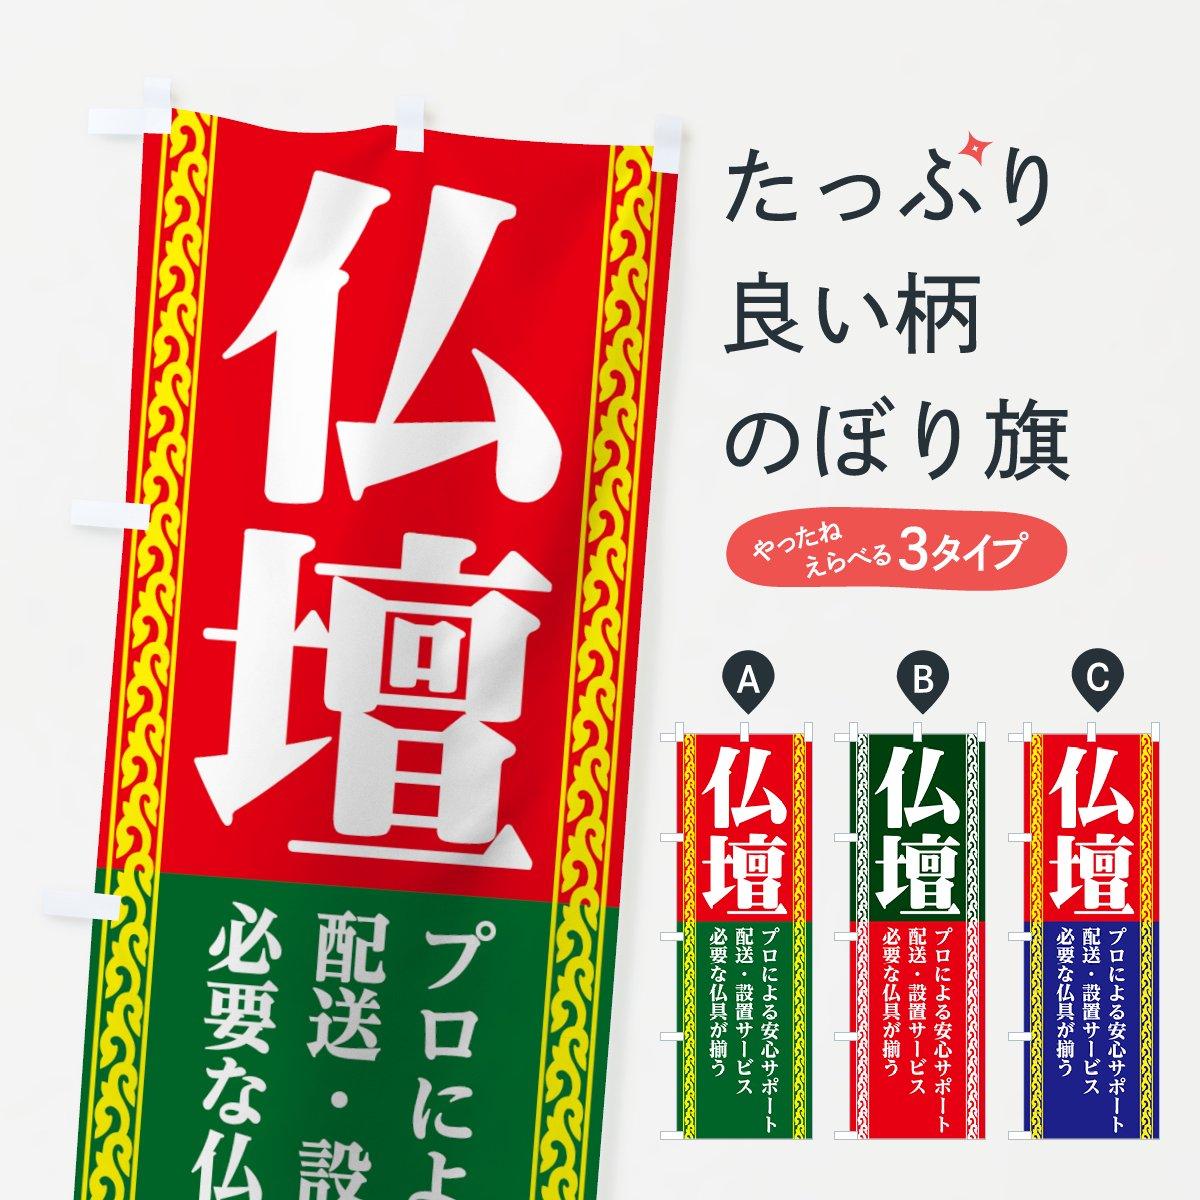 仏壇のぼり旗 取扱多数 見積無料